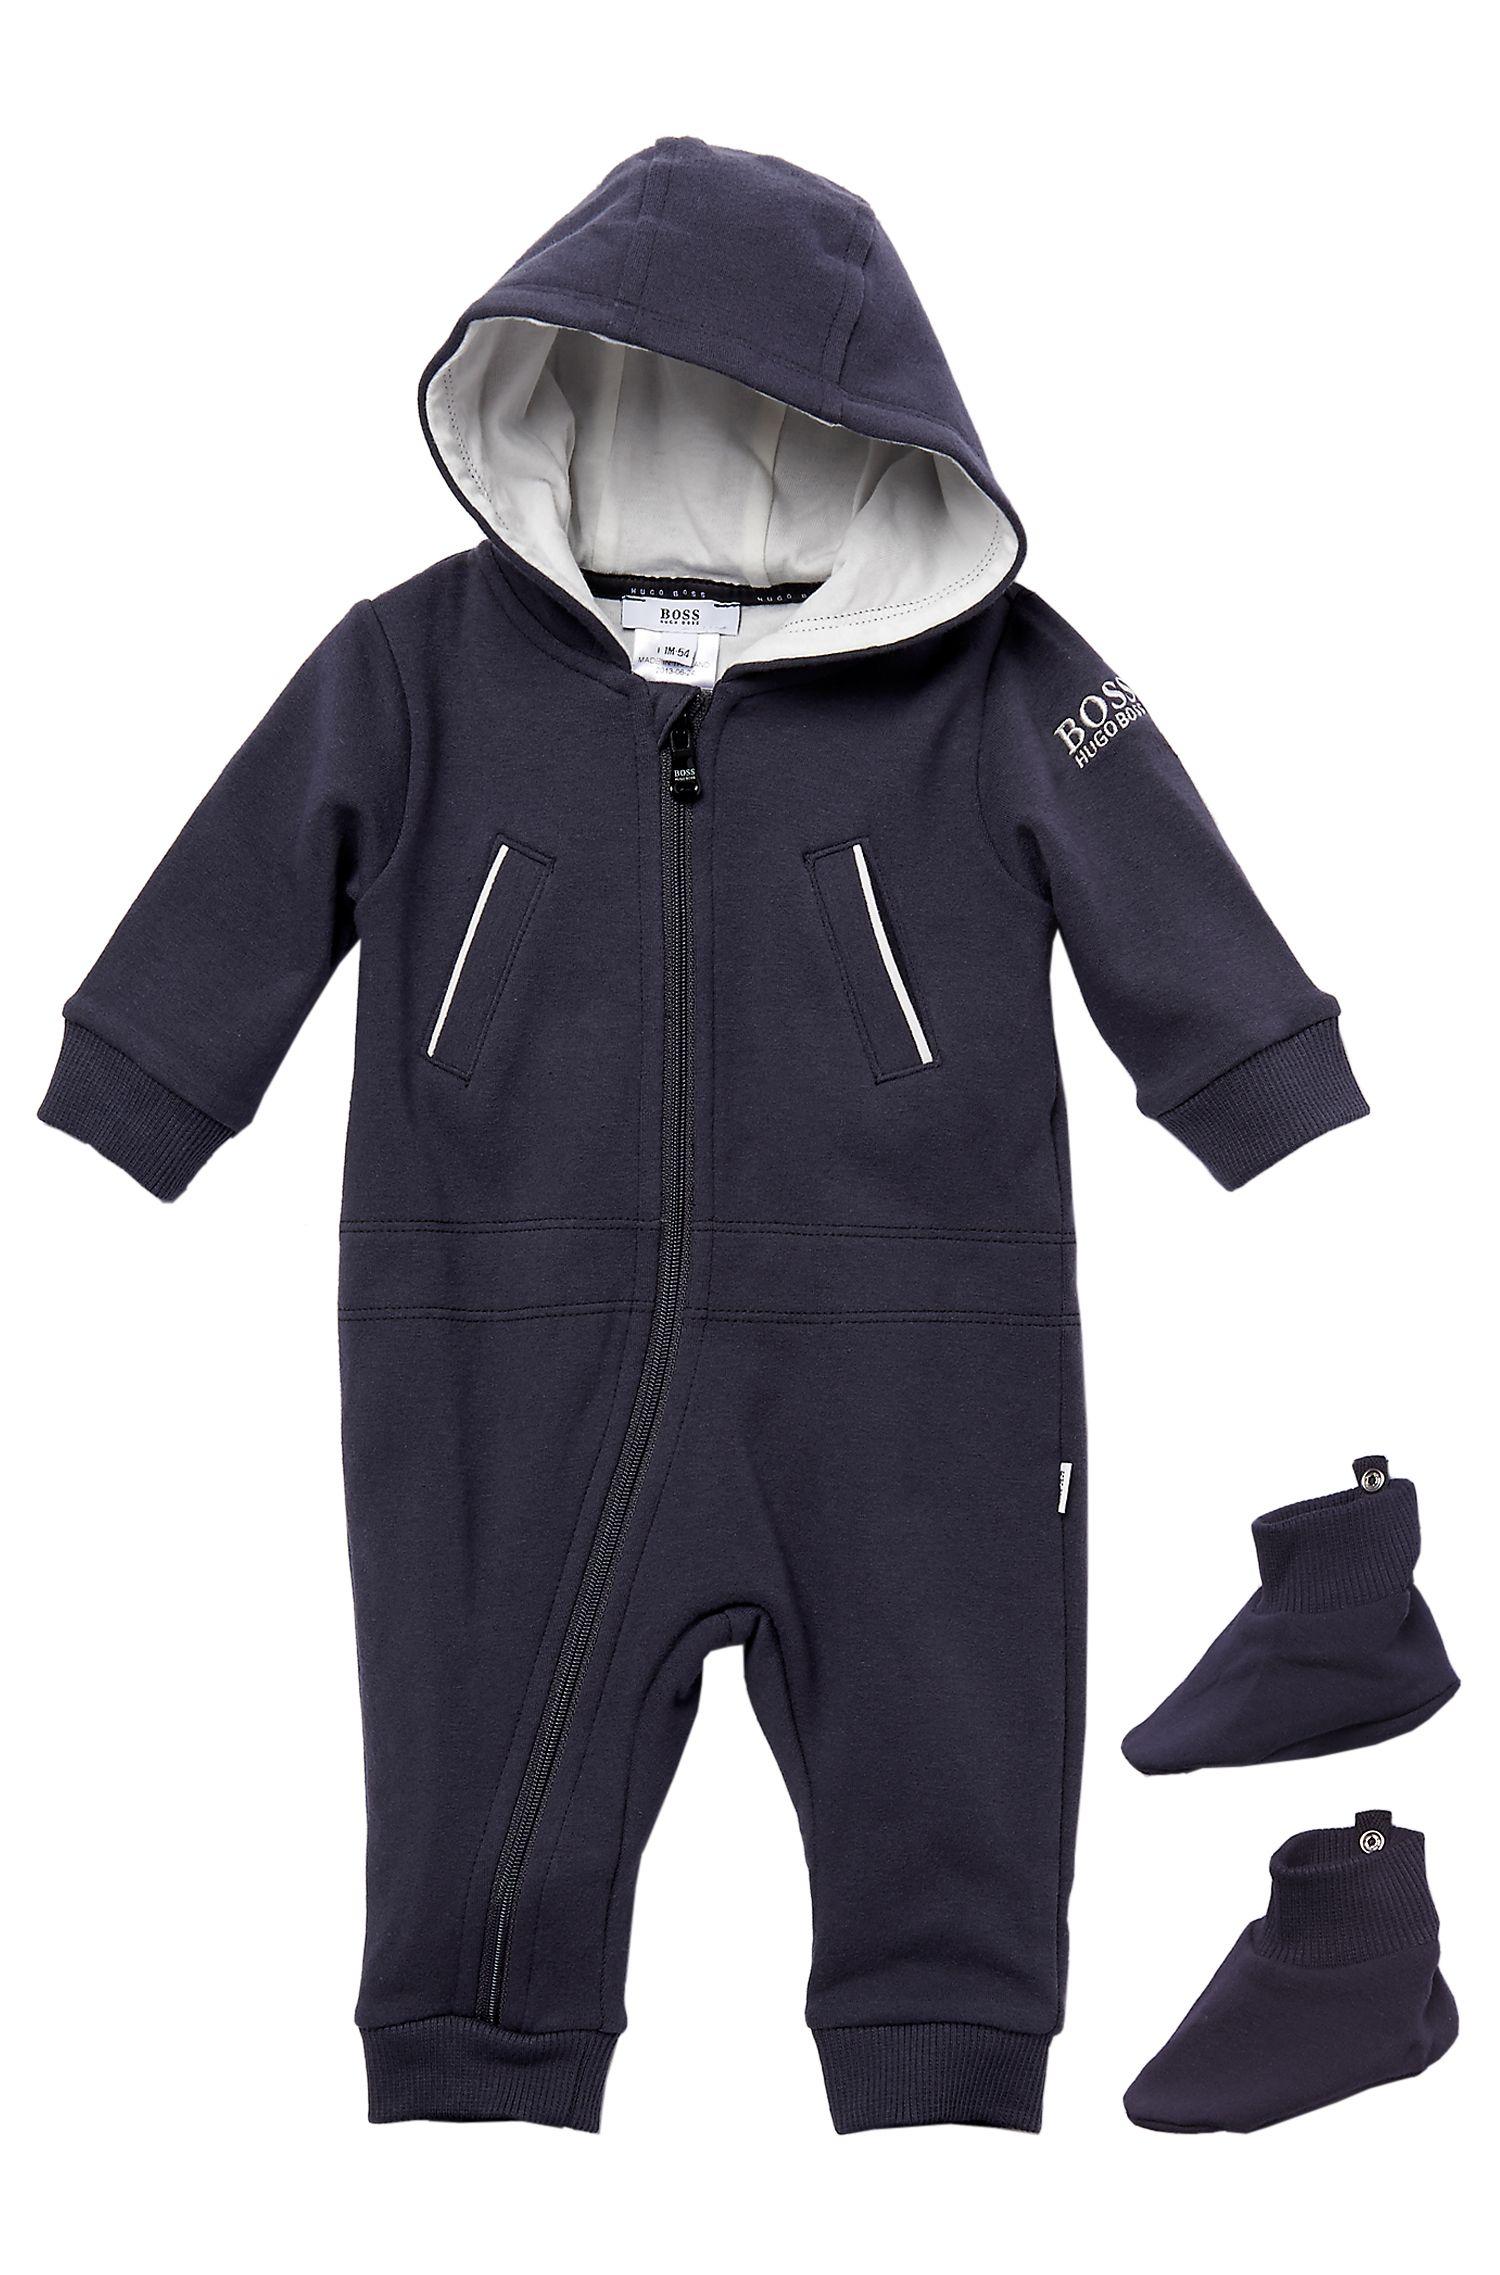 'J98085'   Infant Fleece Onesie and Booties Set